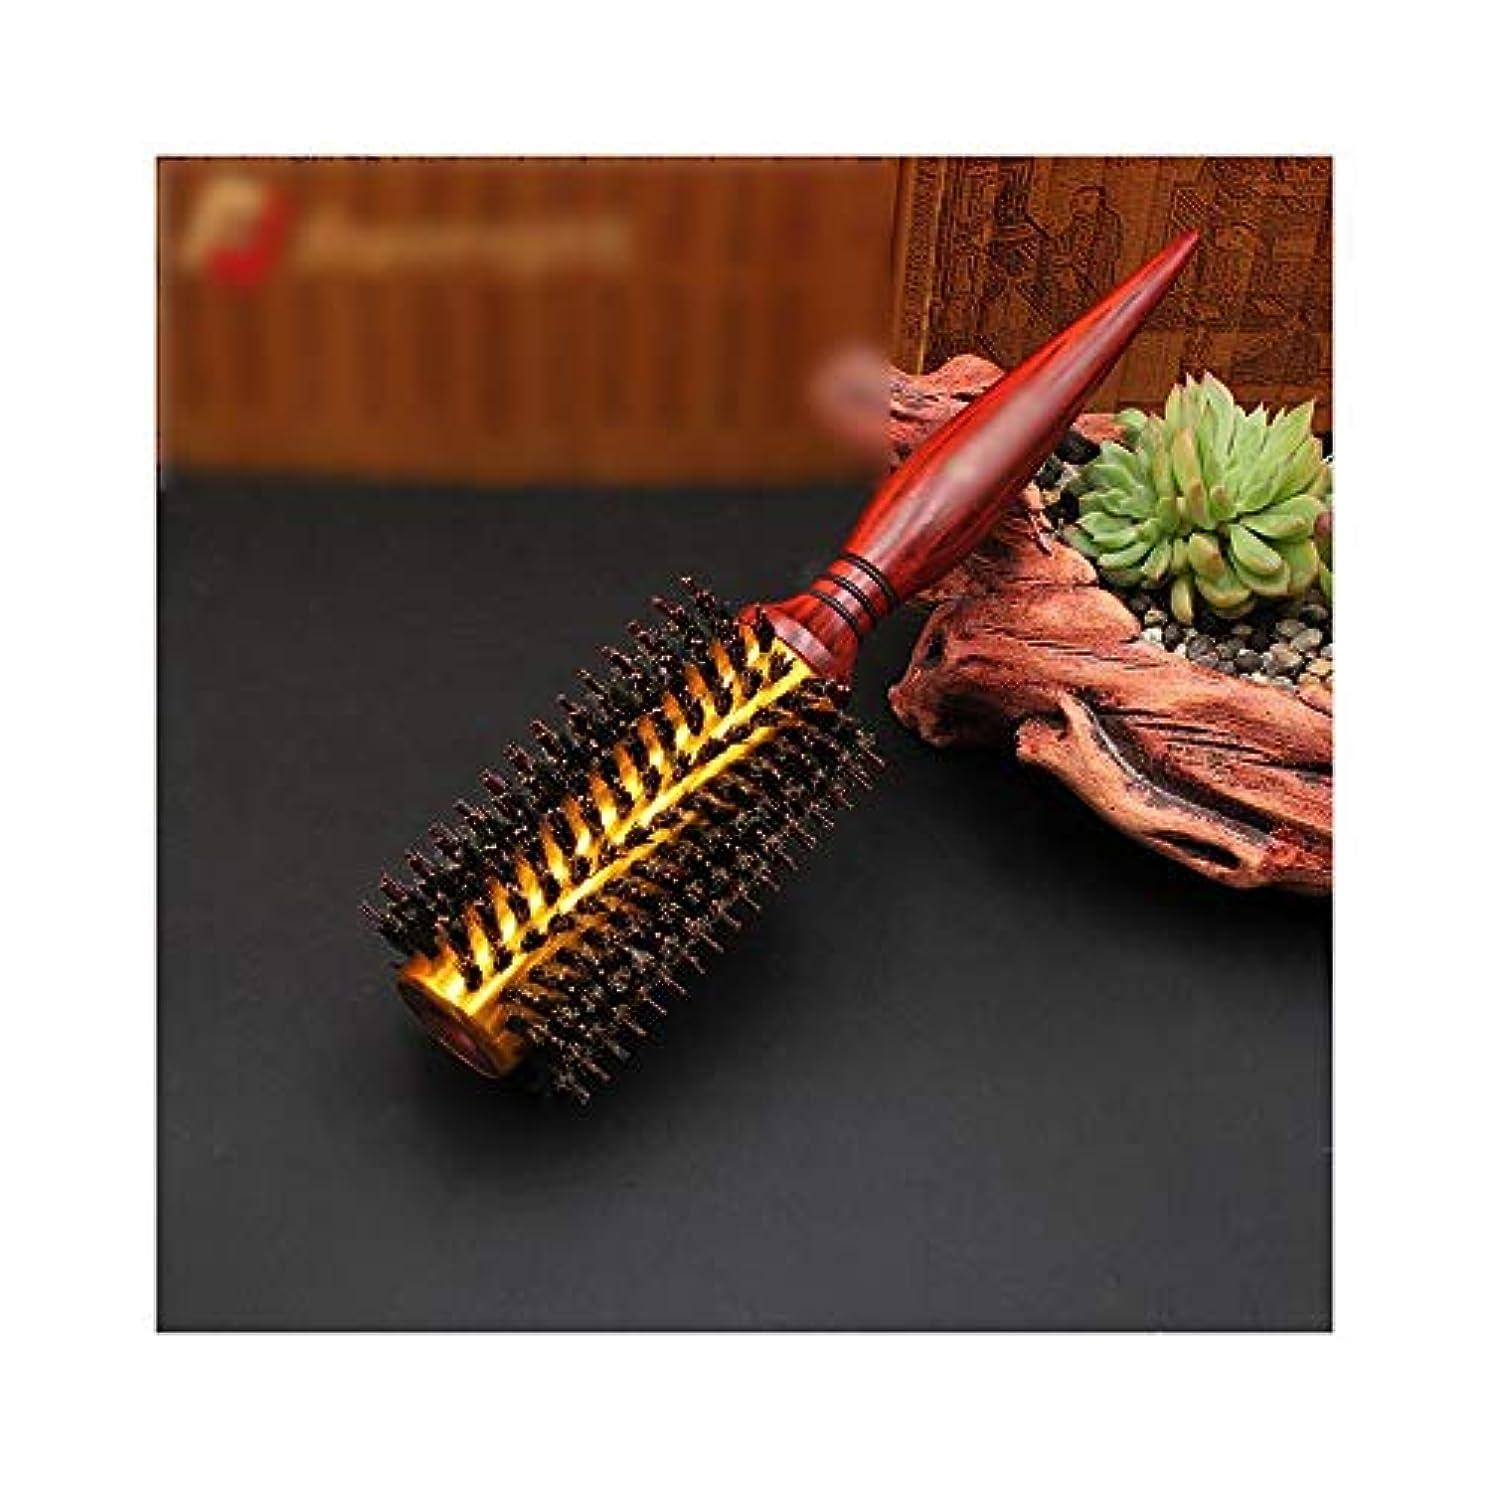 腫瘍区画あそこFashian毛ラウンドスタイリングヘアブラシ - すべてのヘアスタイルのためにロールヘアブラシ ヘアケア (サイズ : 16 rows)